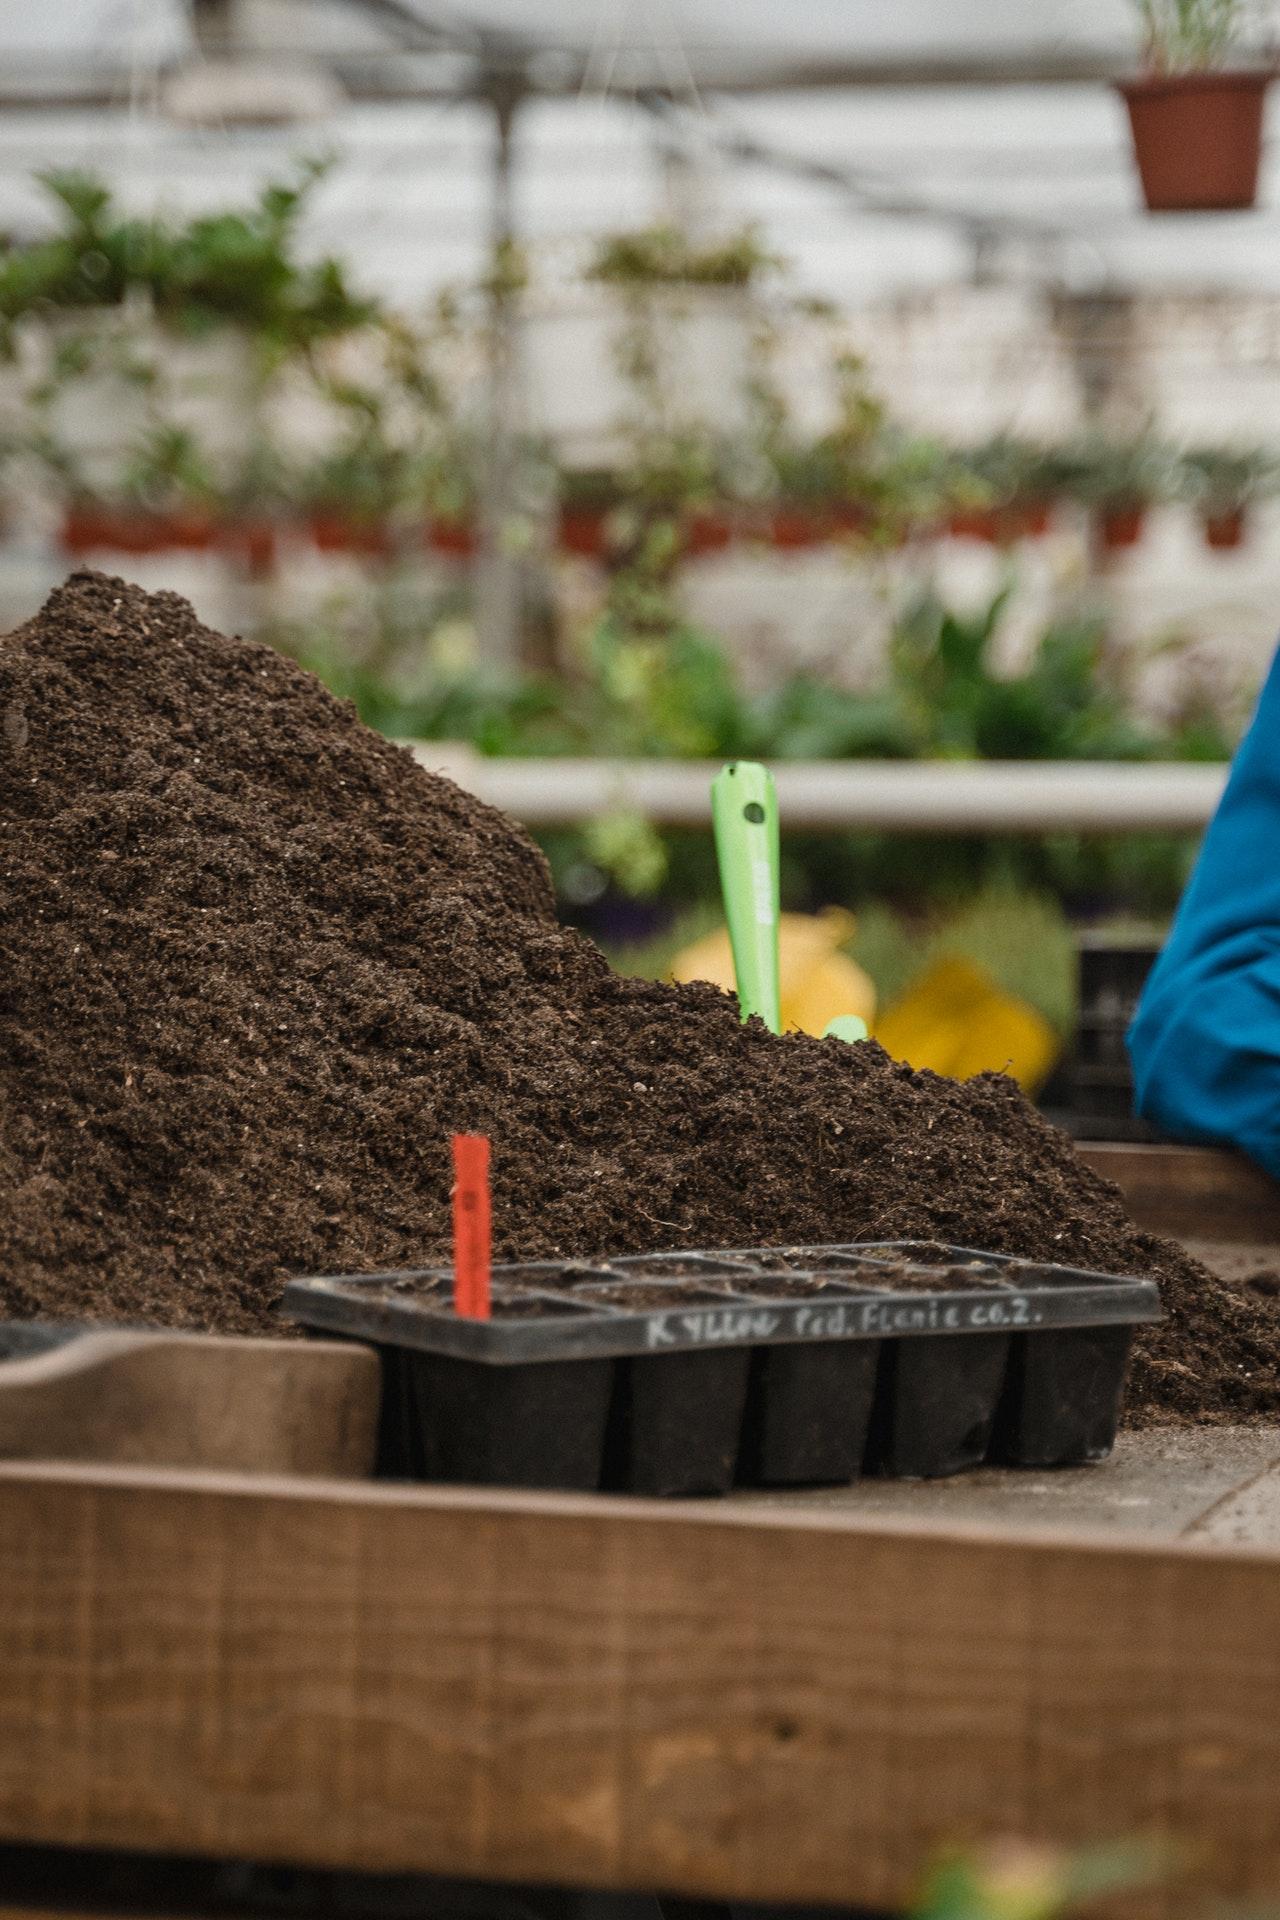 importanza di tenere i semi alla loro temperatura ottimale